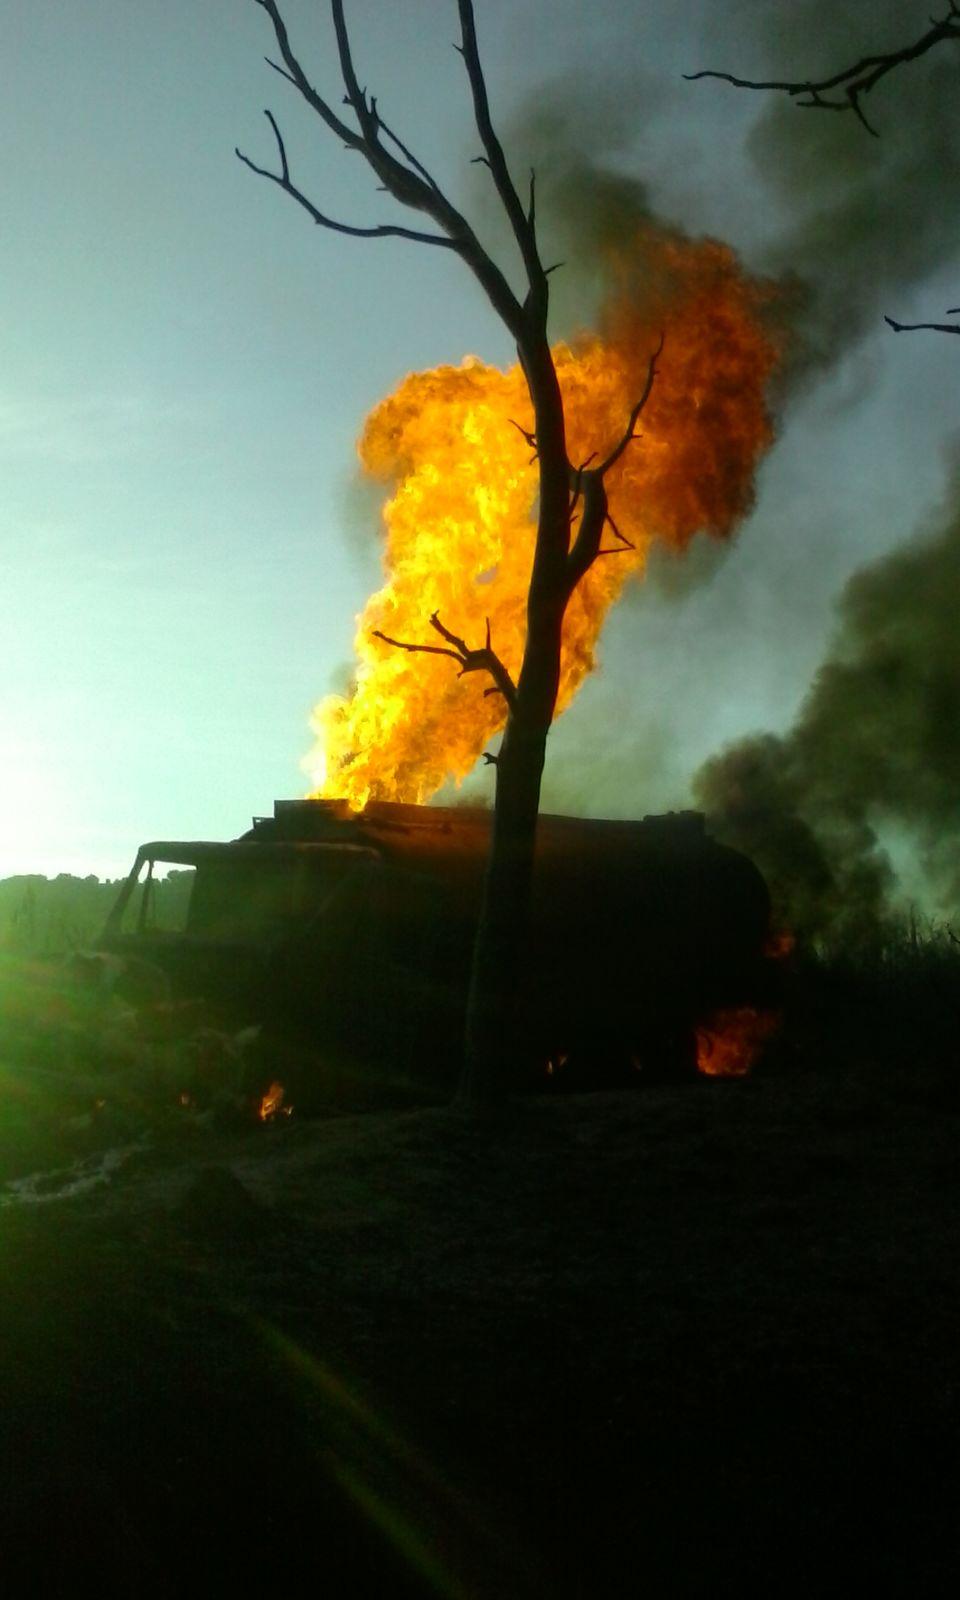 Arde pipa con combustible robado en Amozoc